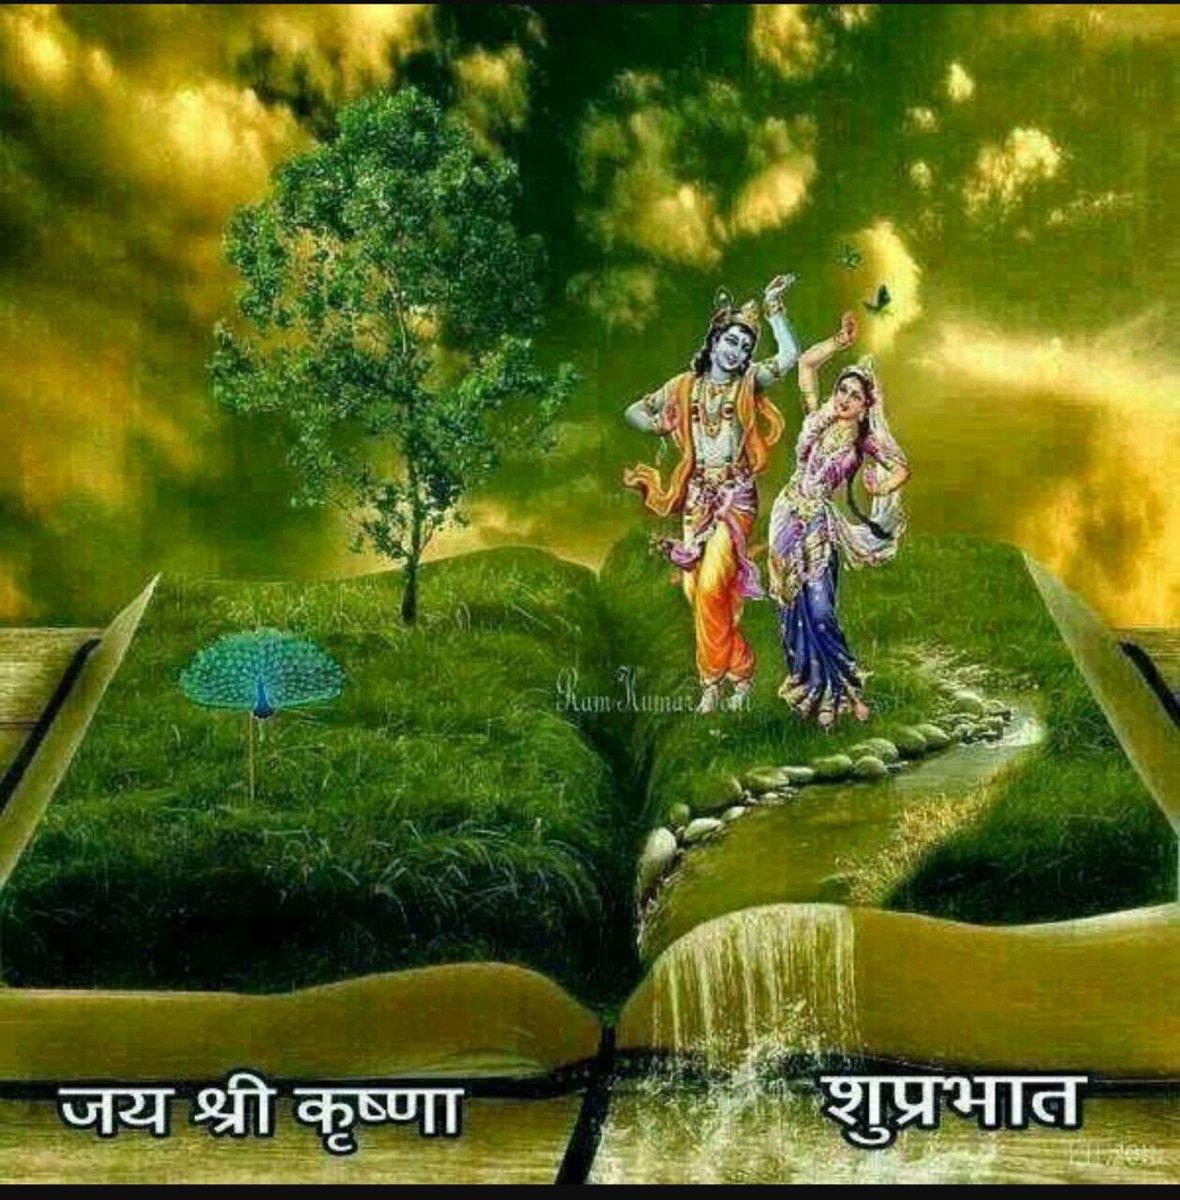 S Tweet Good Morning Friends Radhe Radhe Radhe Radhe